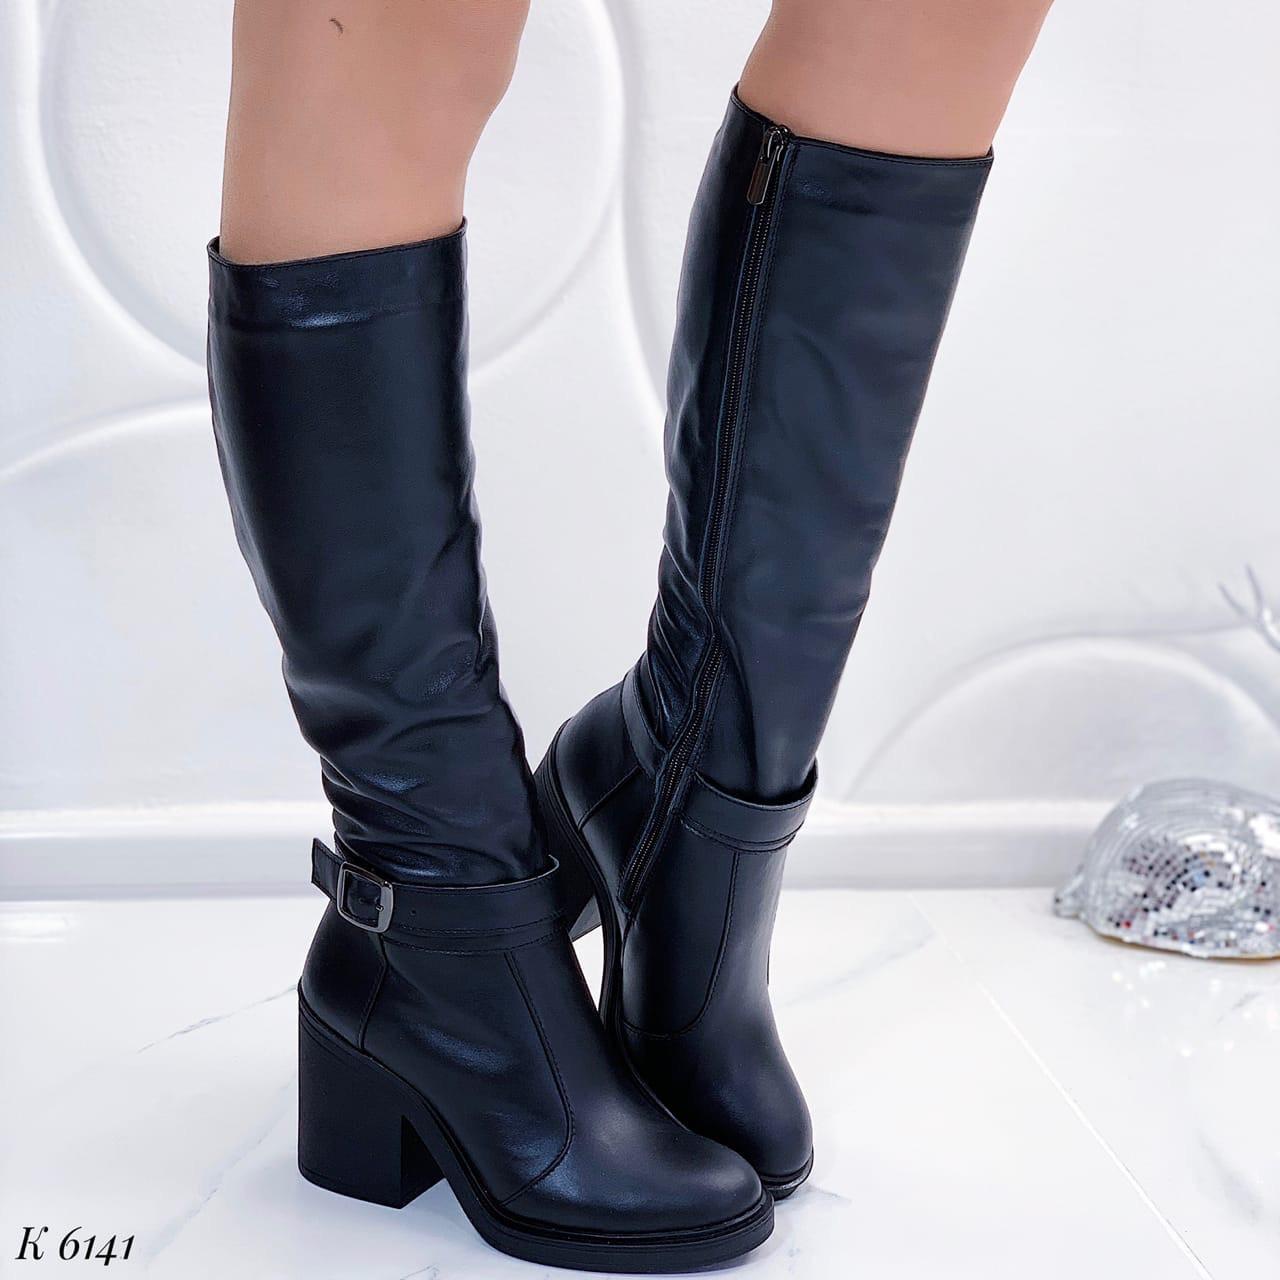 Женские сапоги черные евро ЗИМА на каблуке 9,5 см натуральная кожа